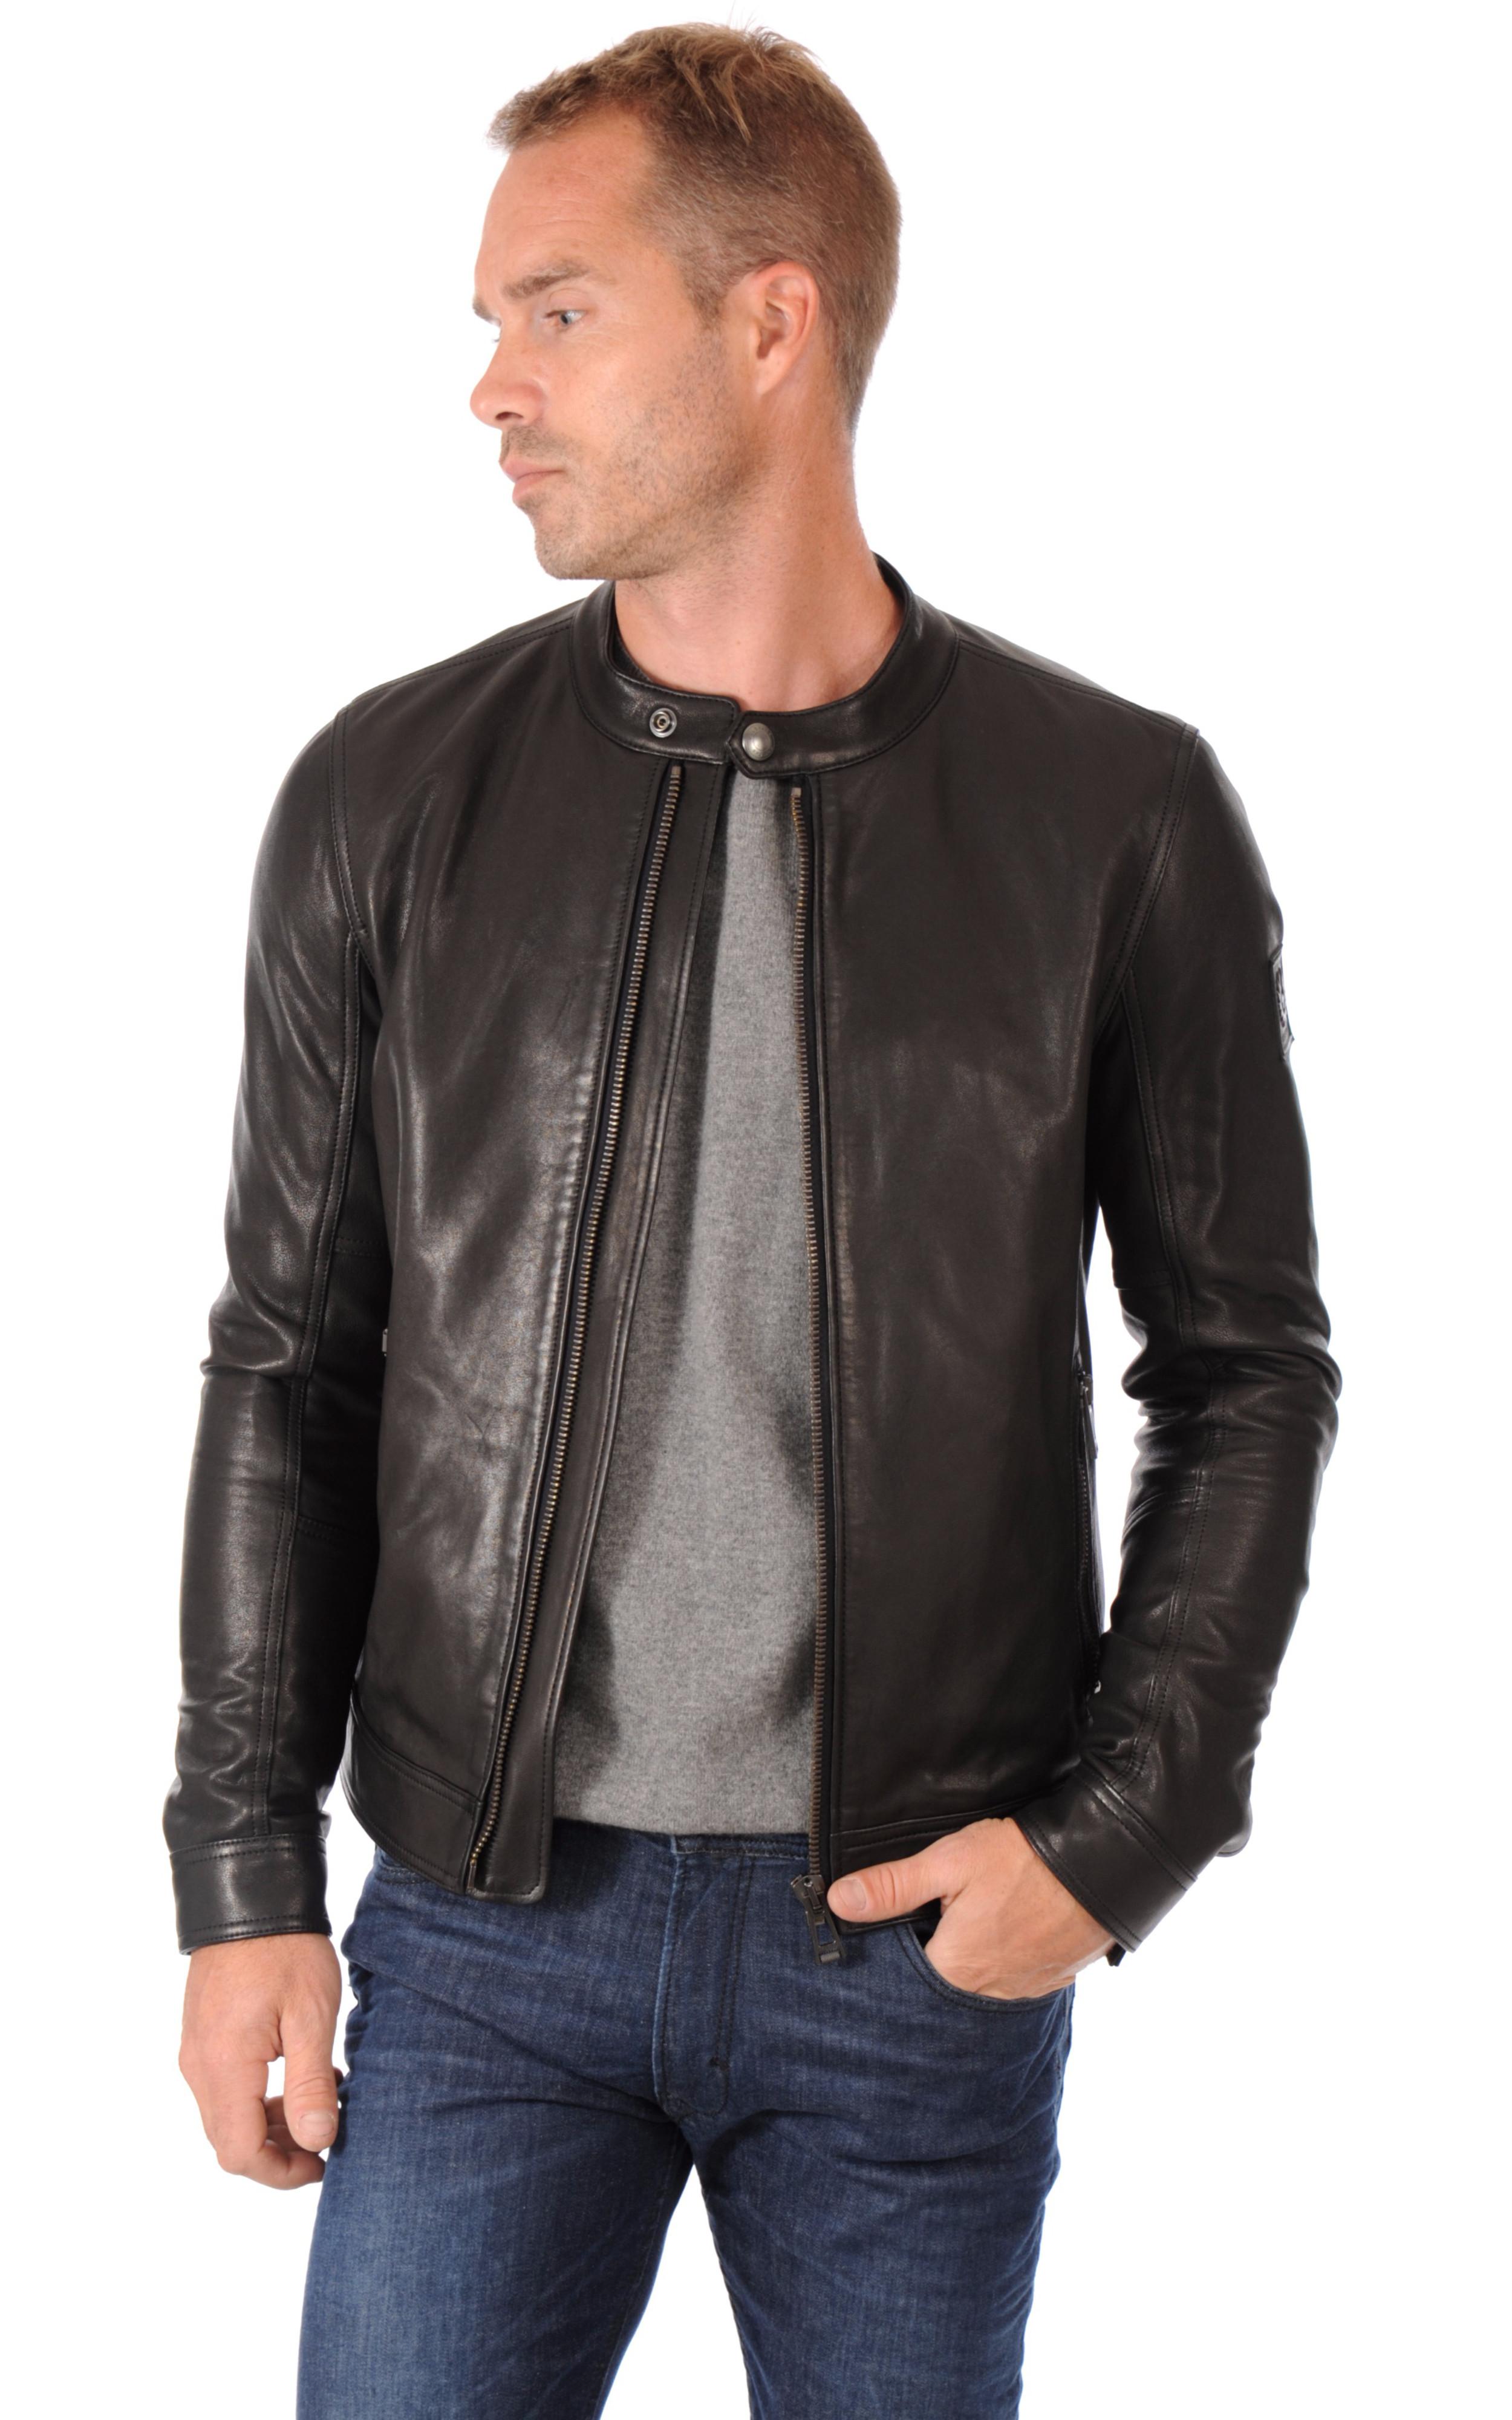 blouson cuir homme coupe motard belstaff la canadienne blouson cuir noir. Black Bedroom Furniture Sets. Home Design Ideas